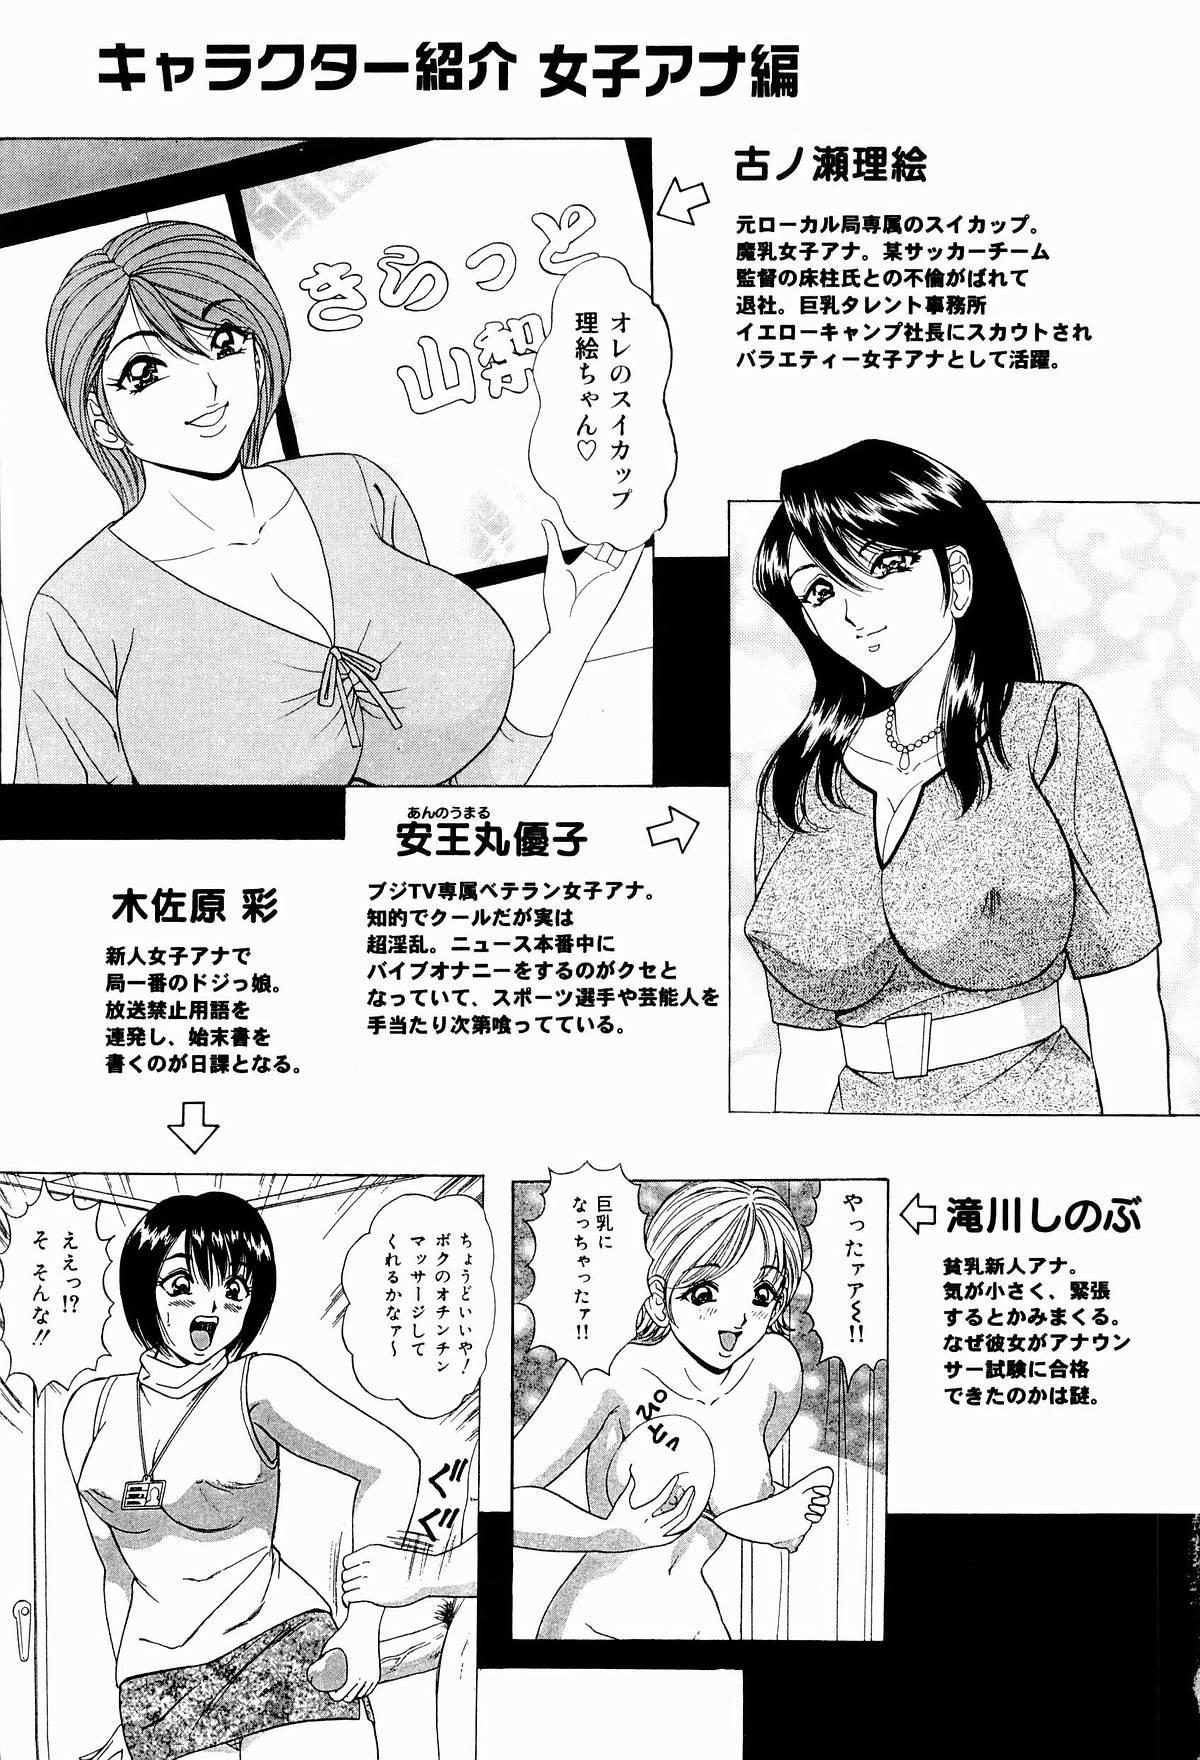 Kyonyuu Ana Konose Rie Suikappu Kiki Ippatsu 6